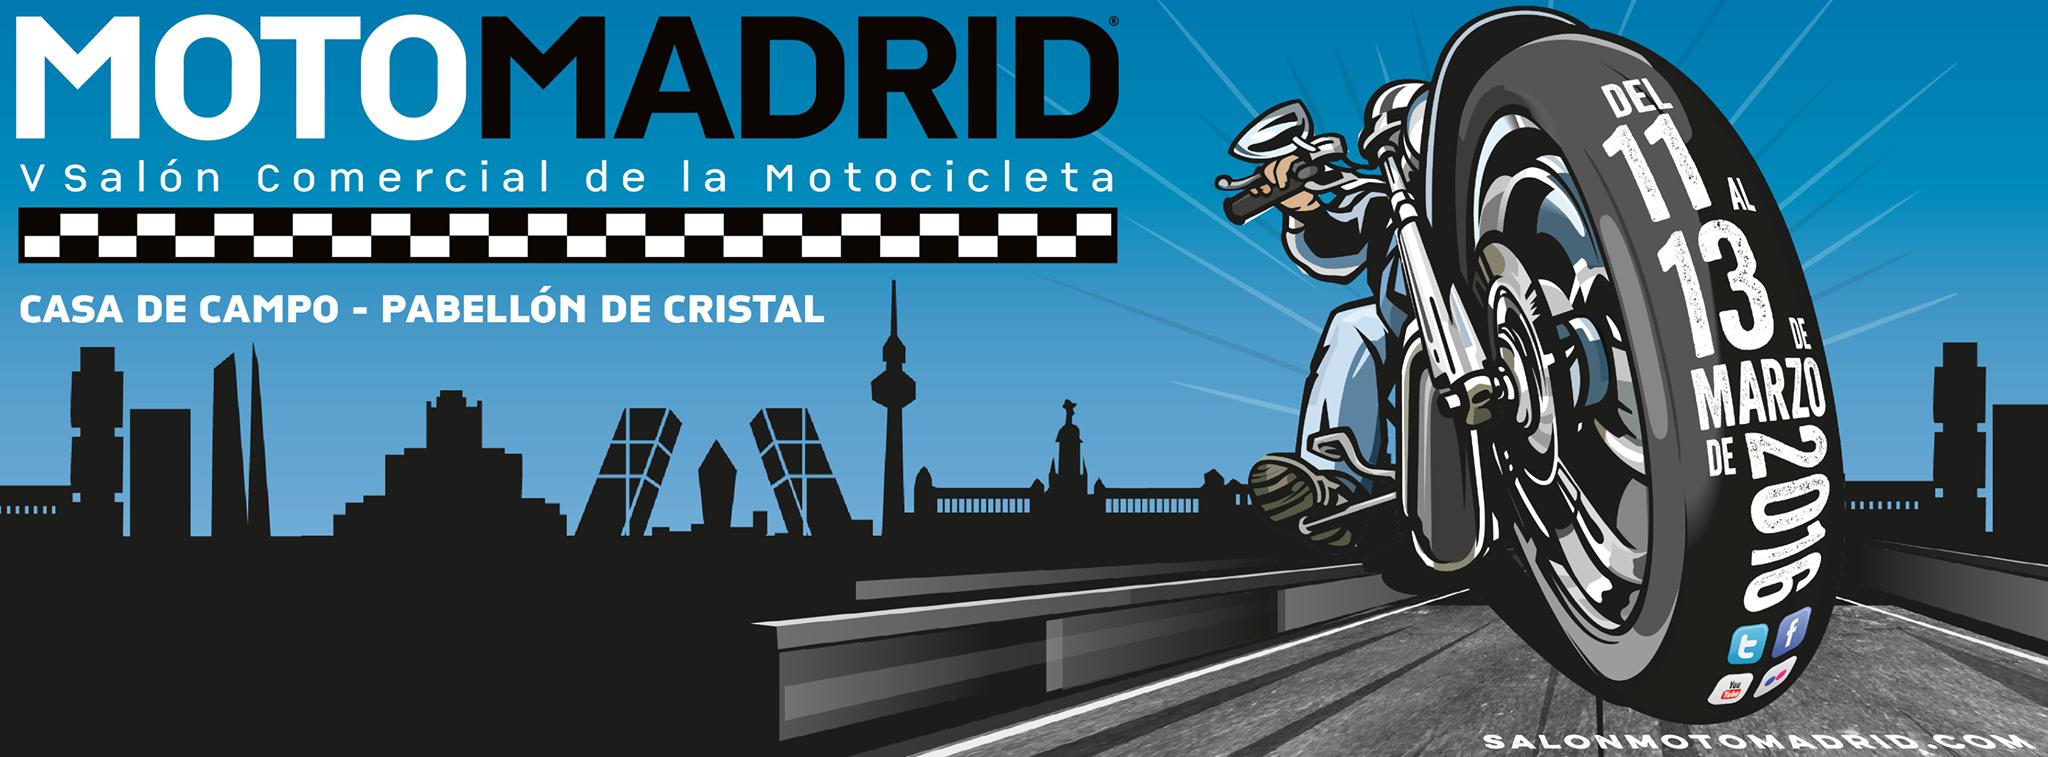 motomadrid Salon de la moto